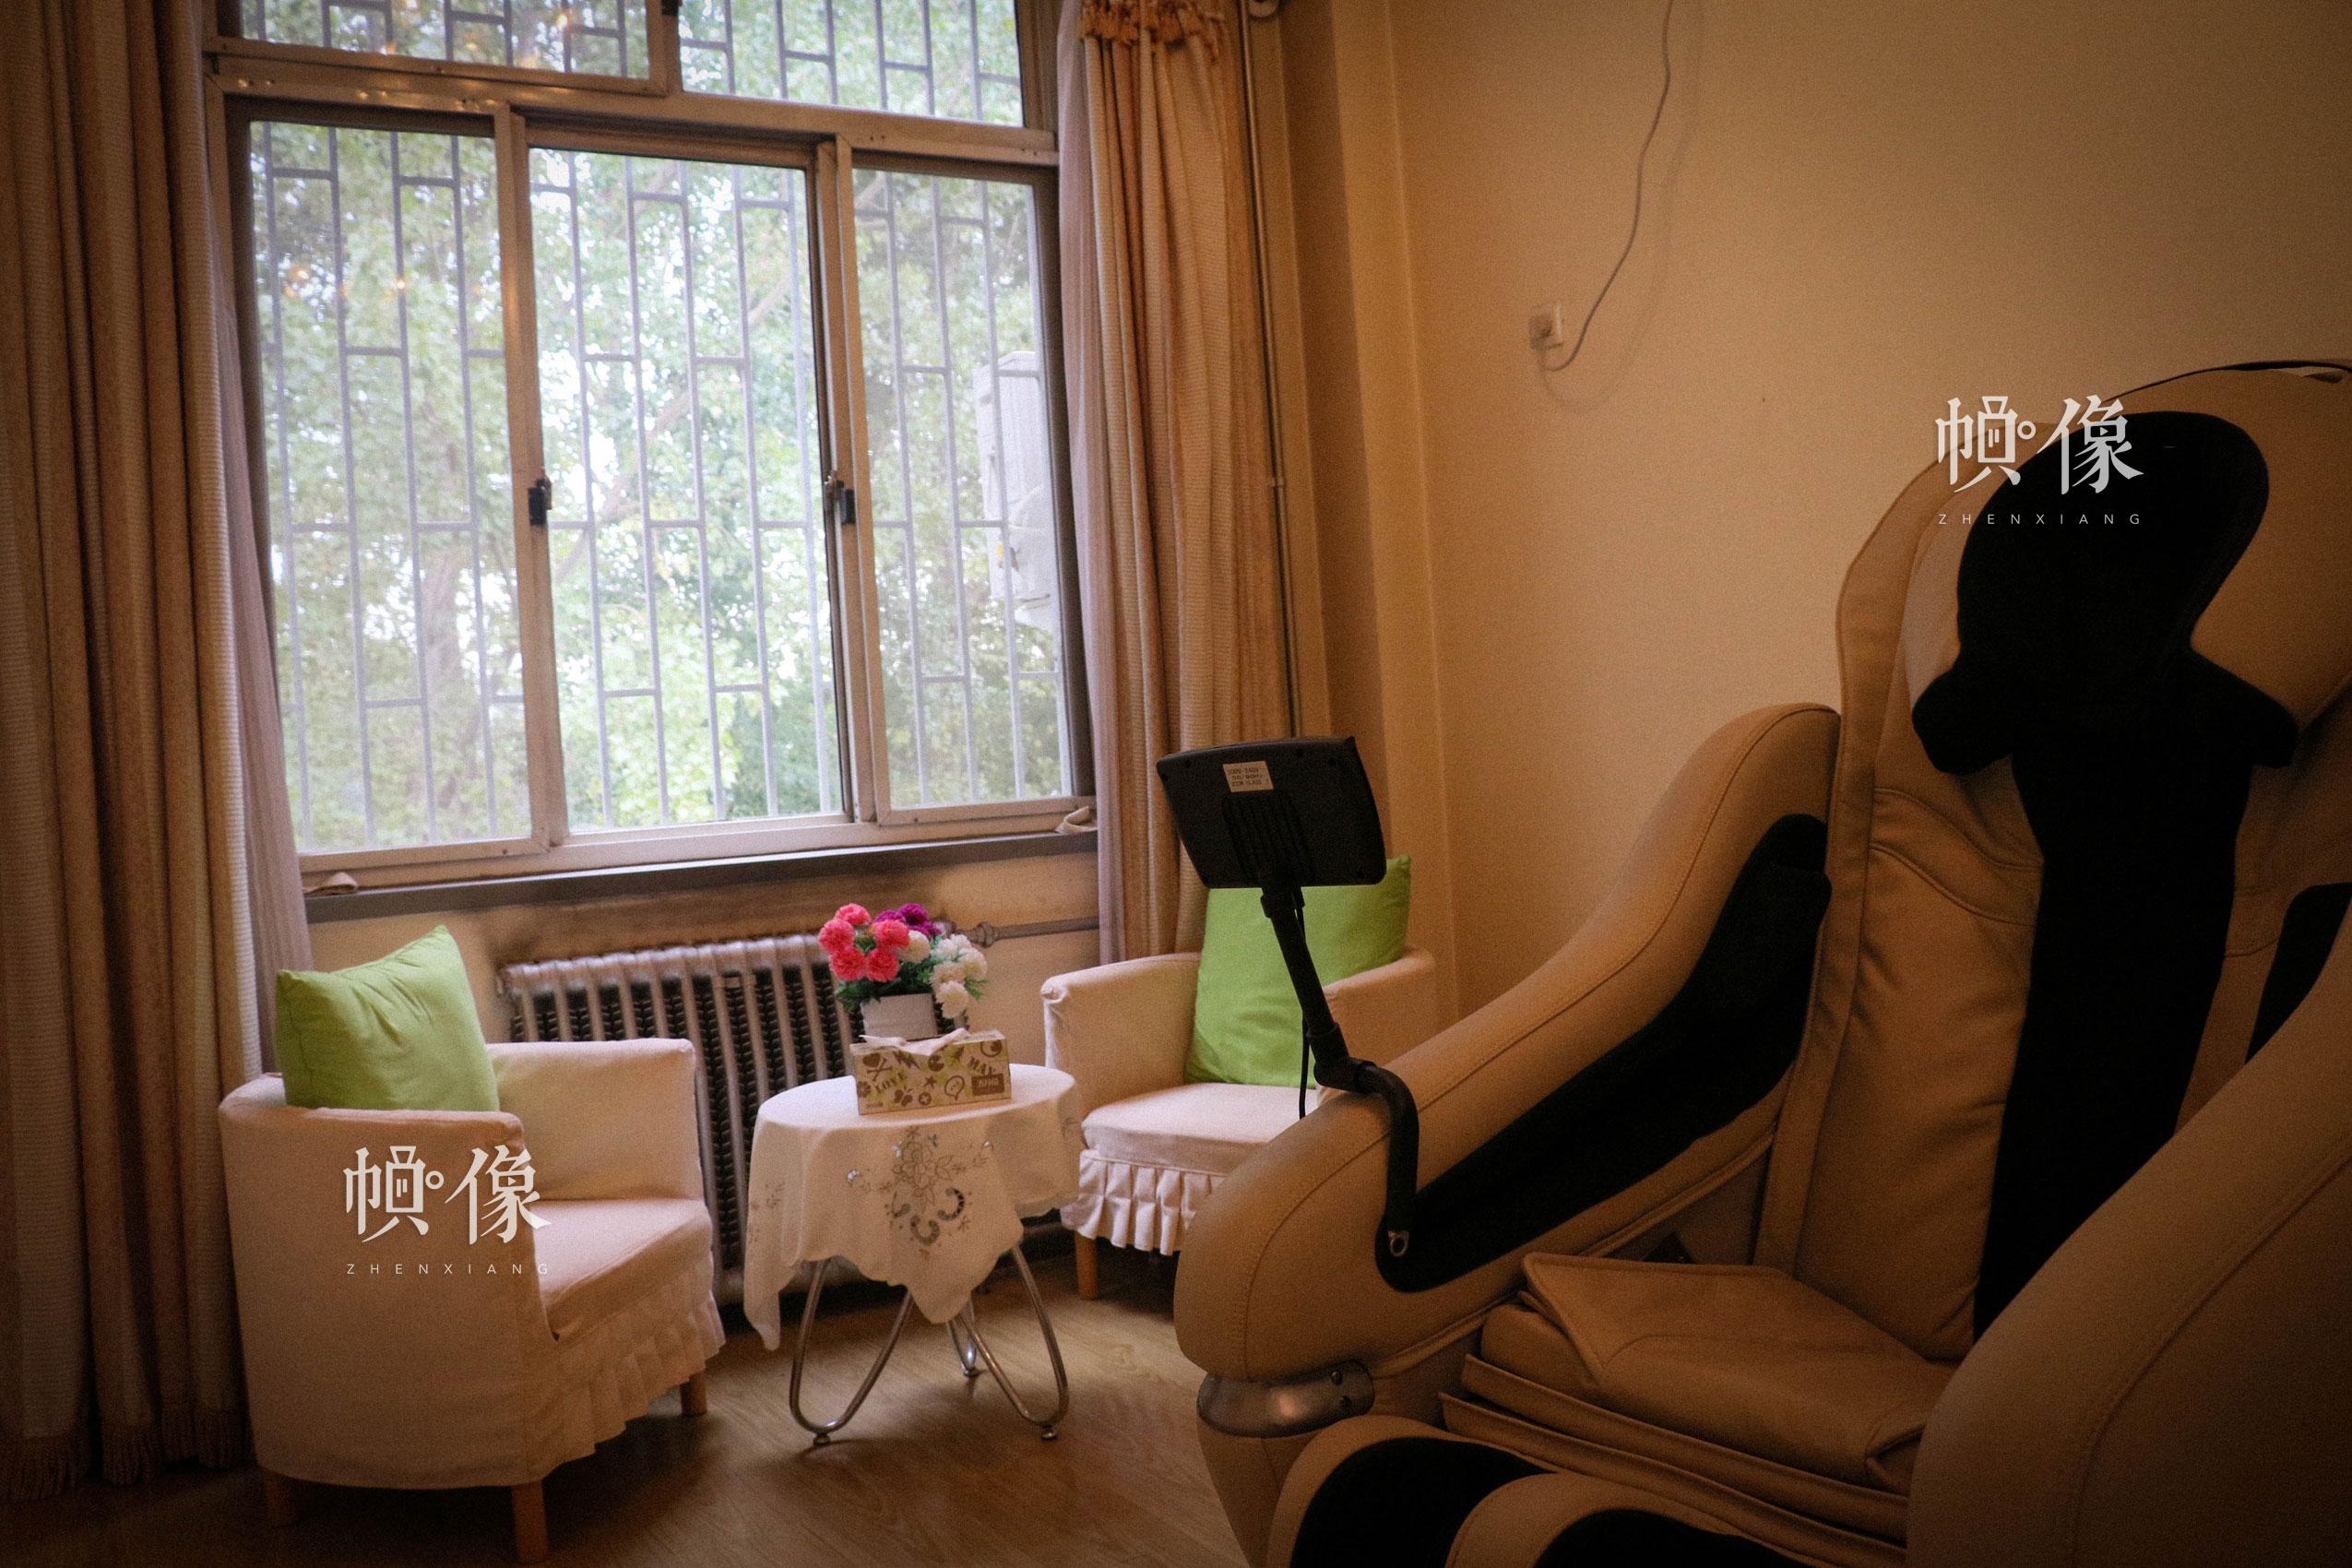 北京市天堂河女子教育矫治所心理治疗室。中国网记者 赵超 摄